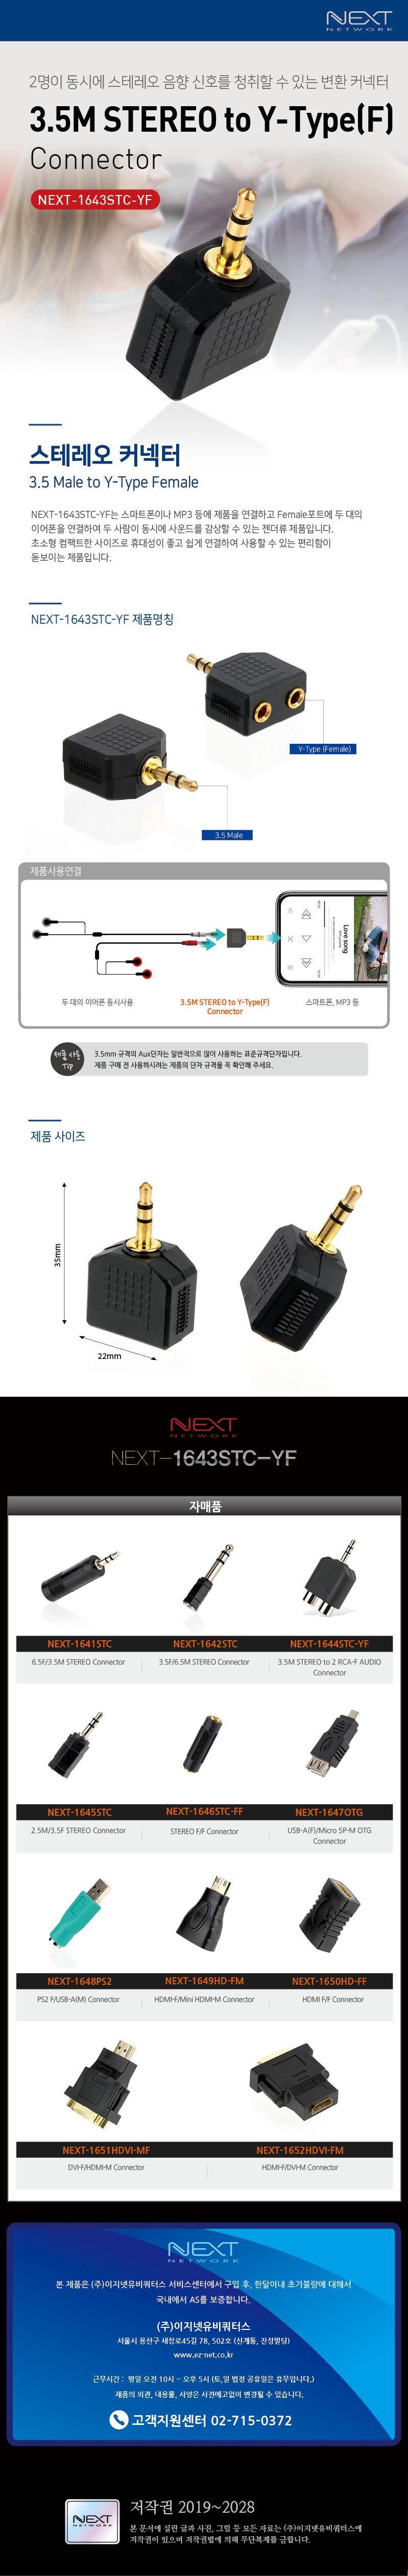 이지넷유비쿼터스  3.5 스테레오 Y타입 M/F 변환젠더 (NEXT-1643STC-YF)